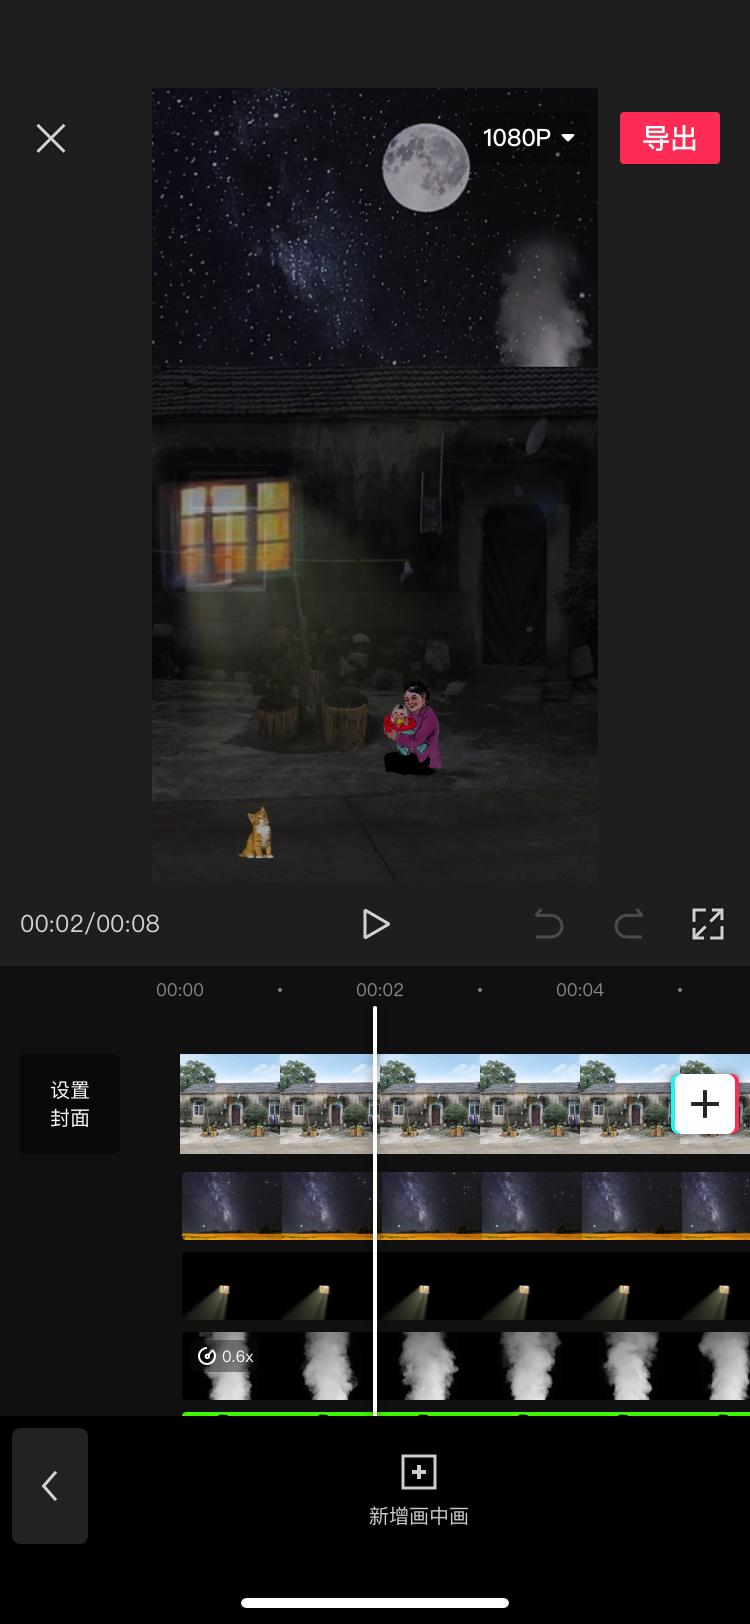 一部手机制作抖音热门怀旧视频的技术,单日涨粉破千,适合批量做号【附素材】图片 第2张